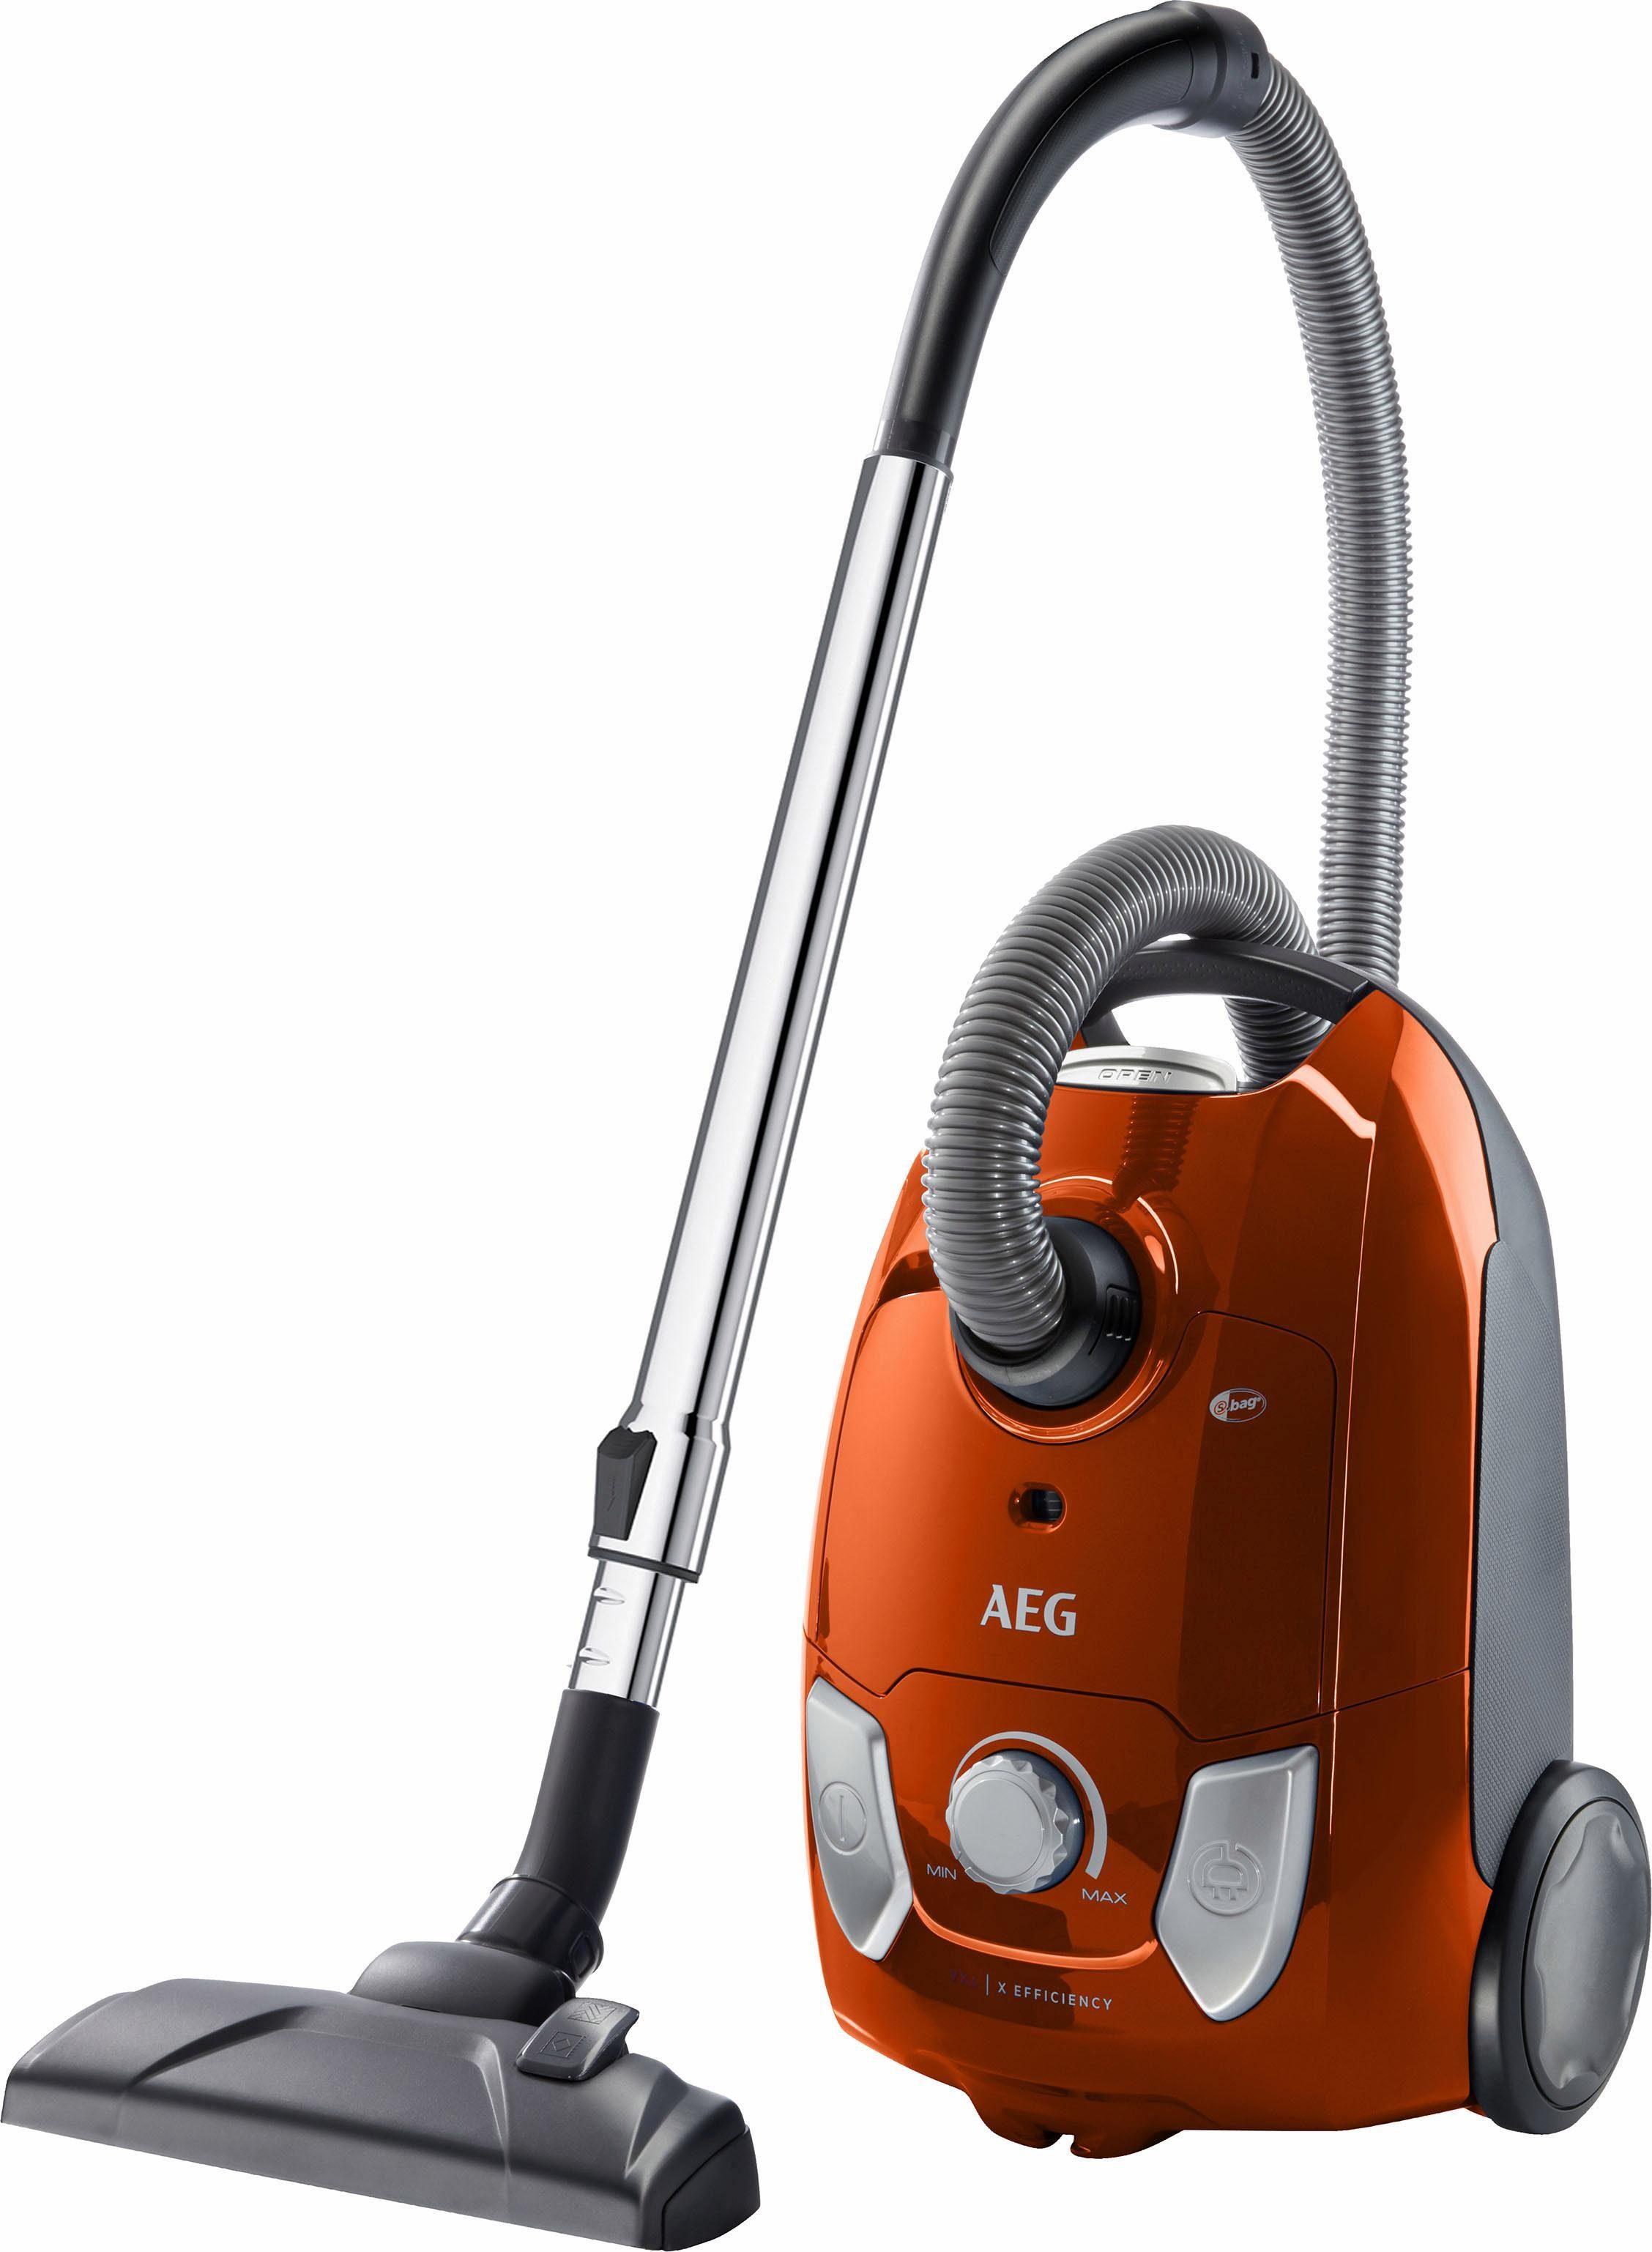 AEG Bodenstaubsauger VX4-1-OR, 650 Watt, mit Beutel, Einfaches und gründliches Reinigen